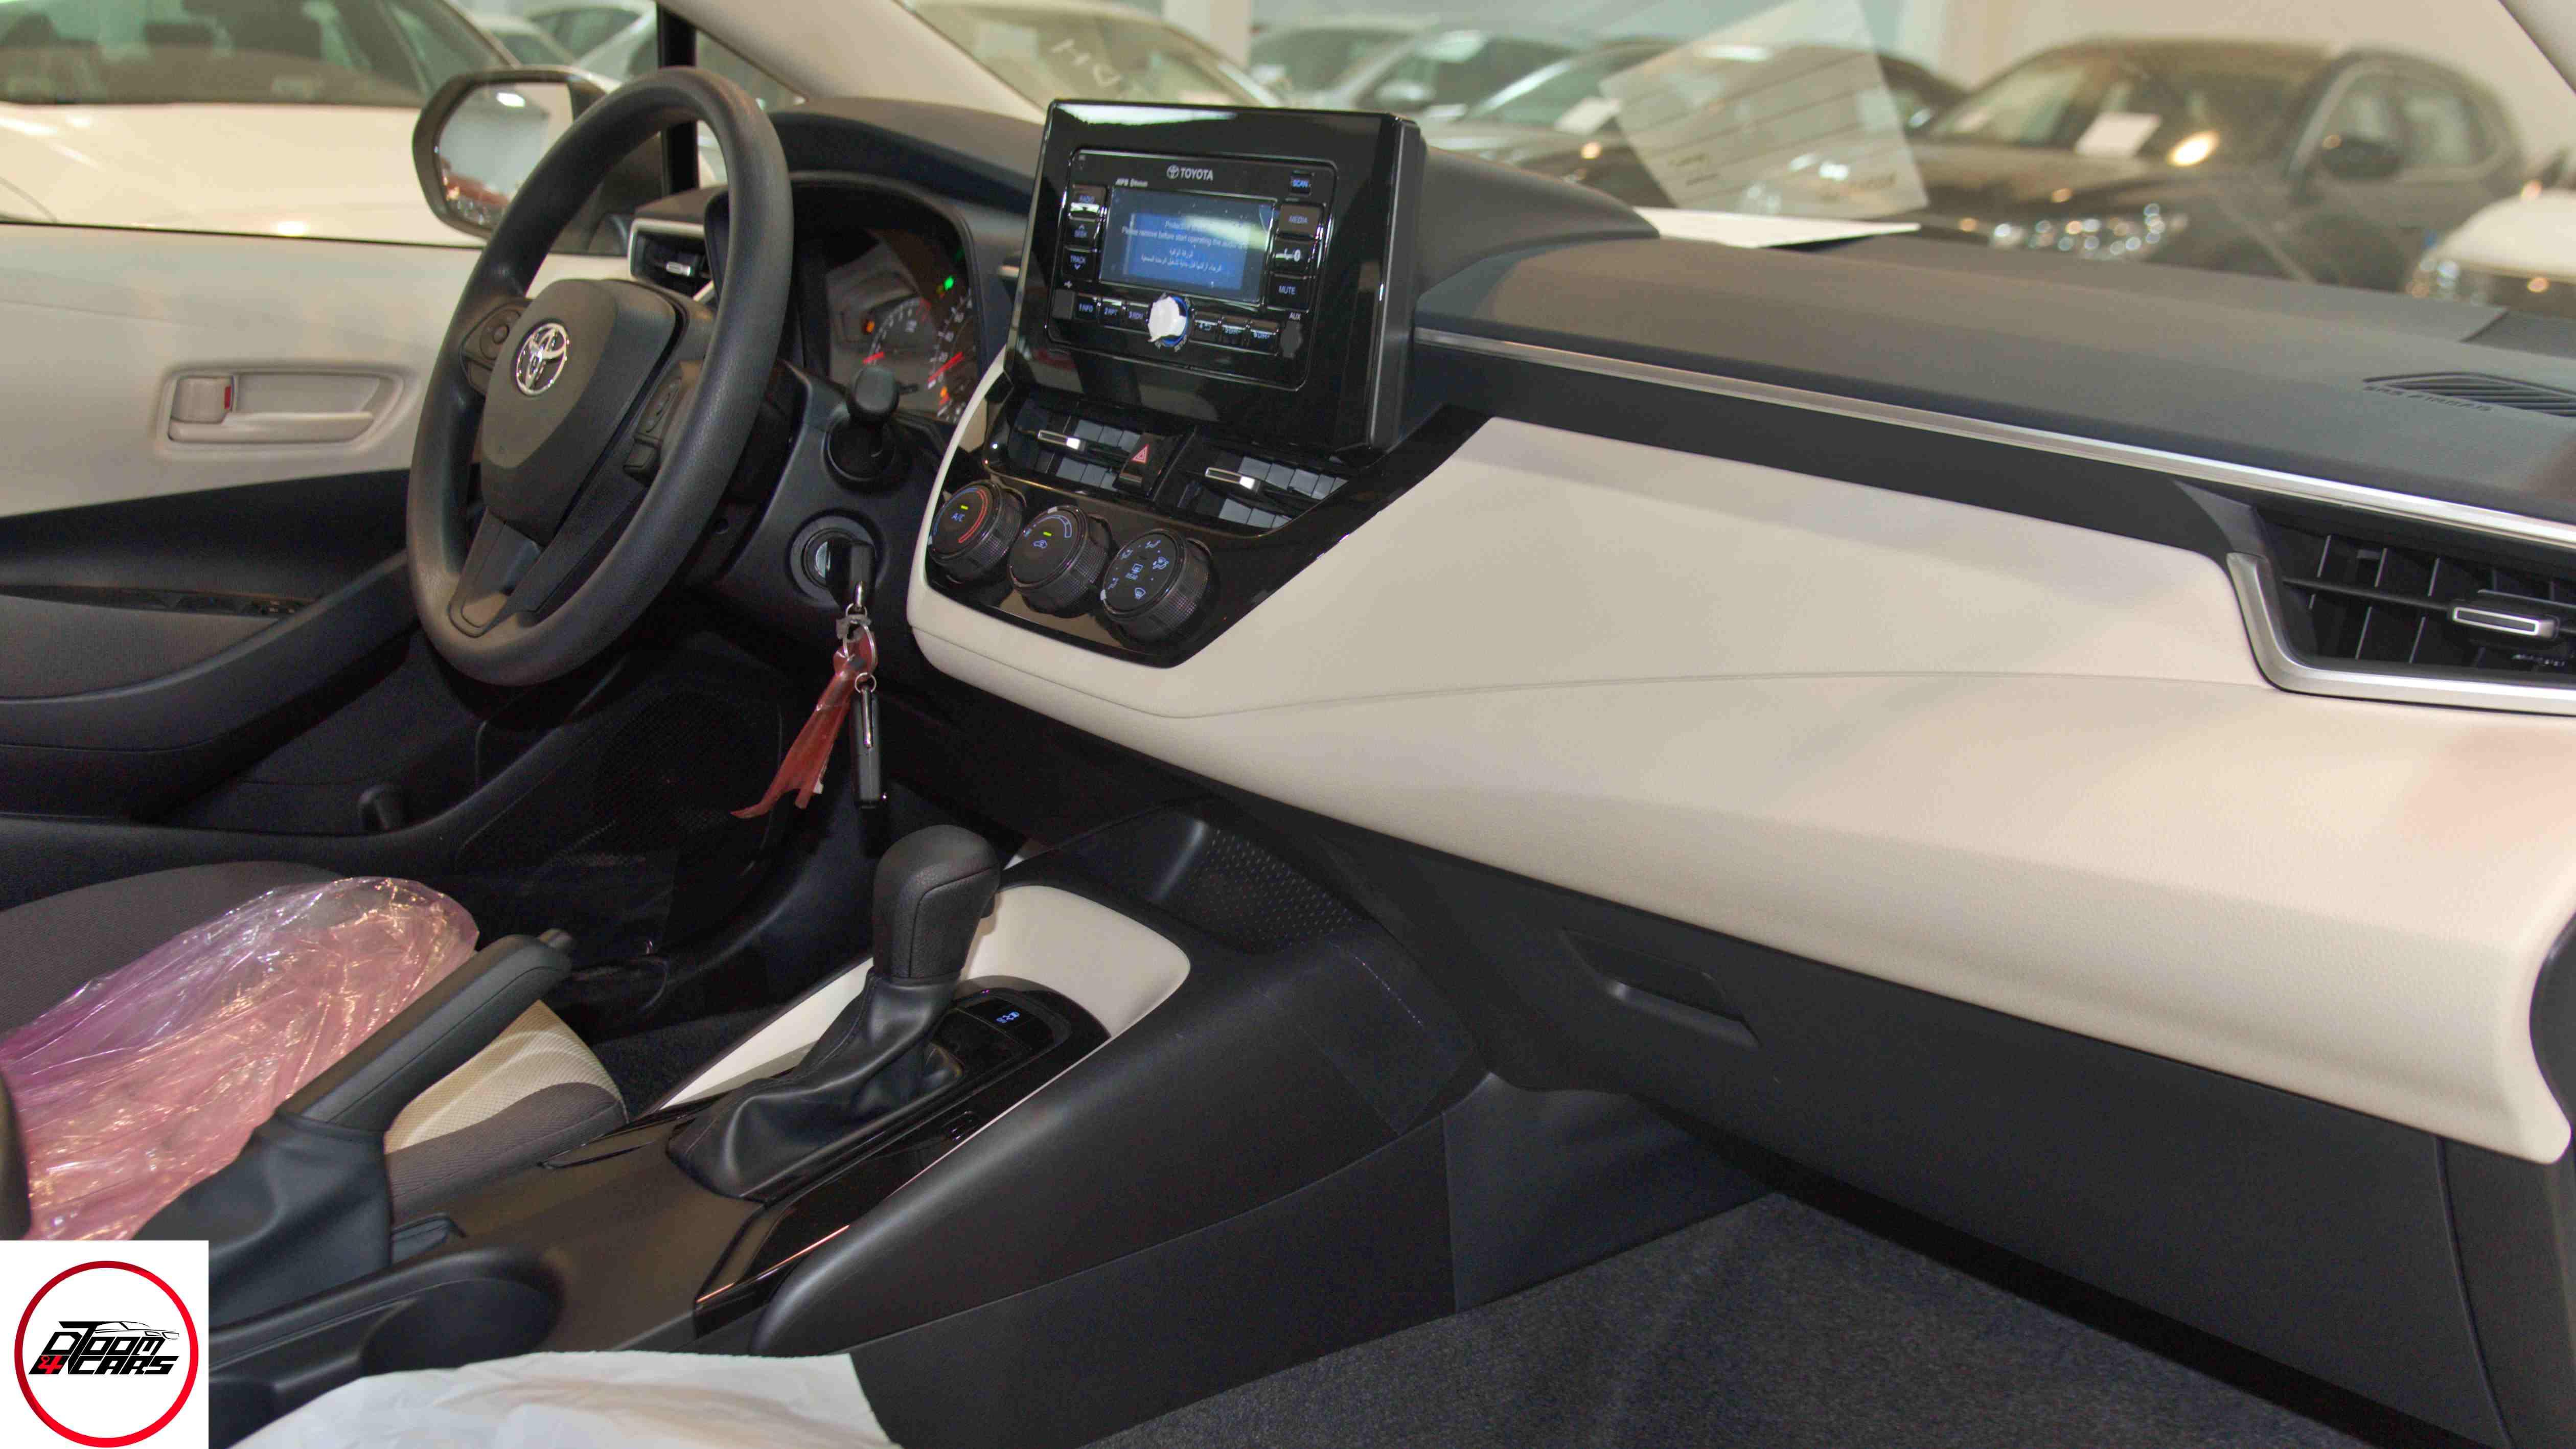 تويوتا كورولا 2021 ستاندر  XLi سعودي جديد للبيع في الرياض - السعودية - صورة كبيرة - 10